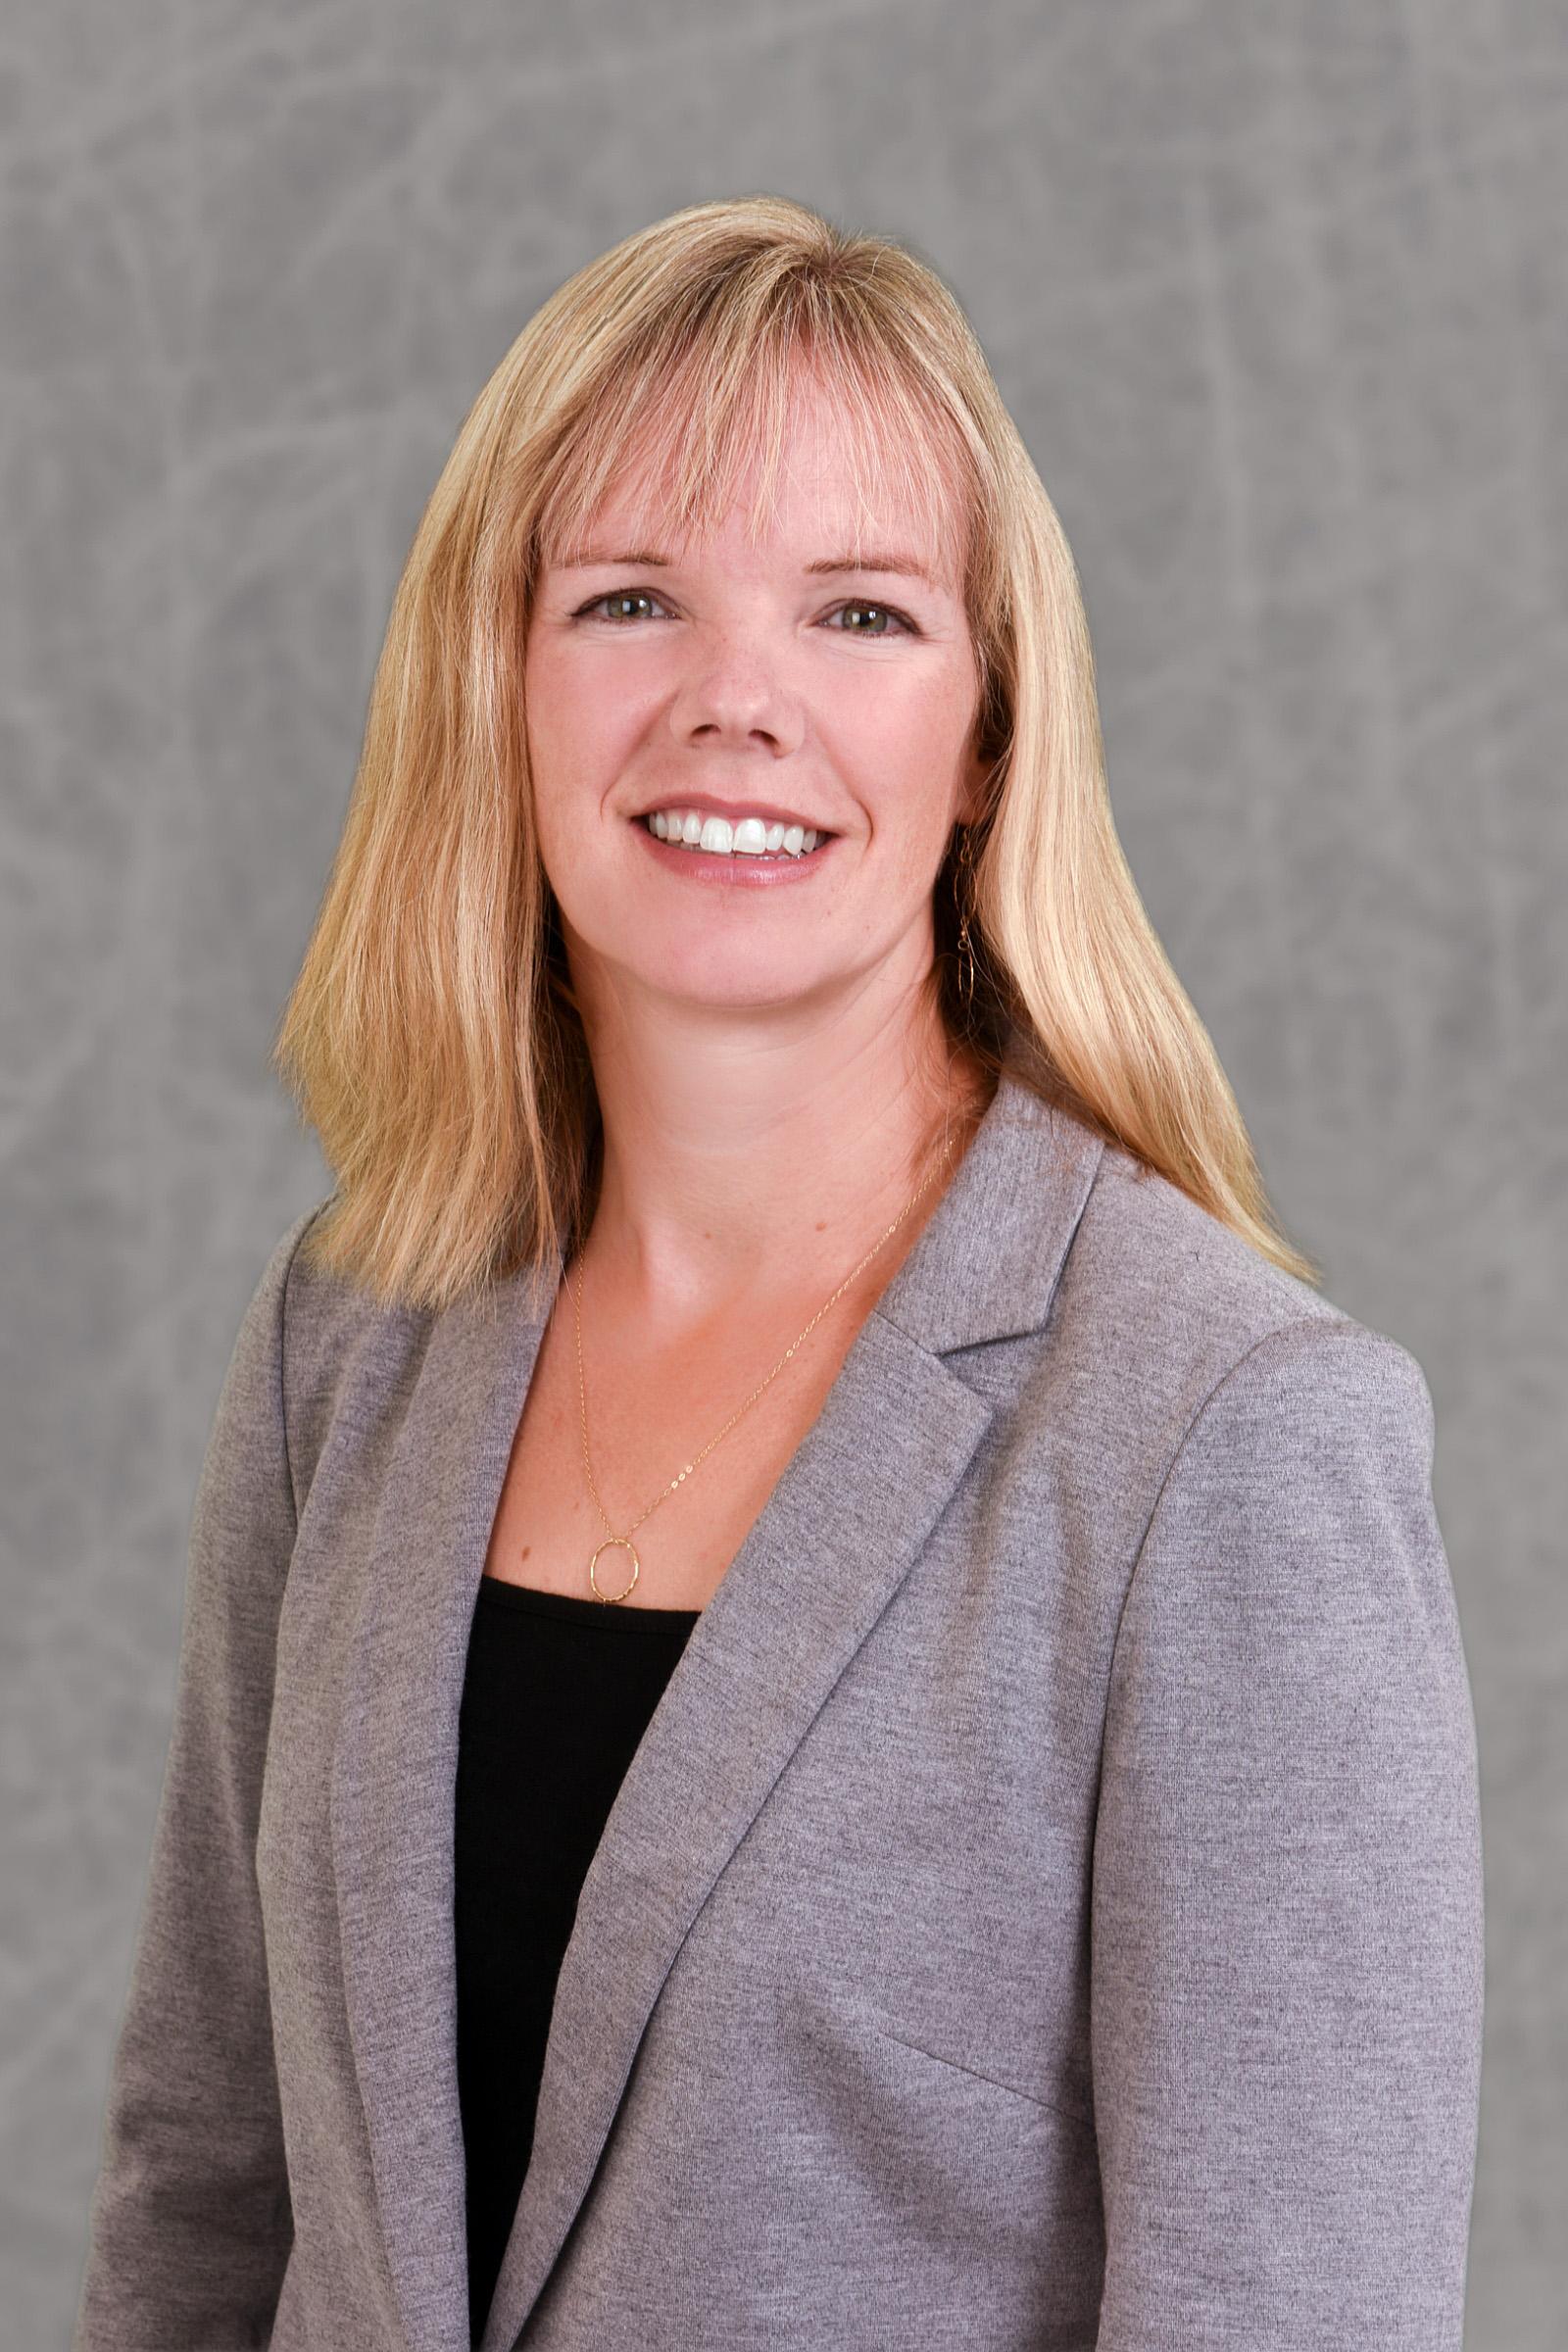 Erin S. Baker, Ph.D.